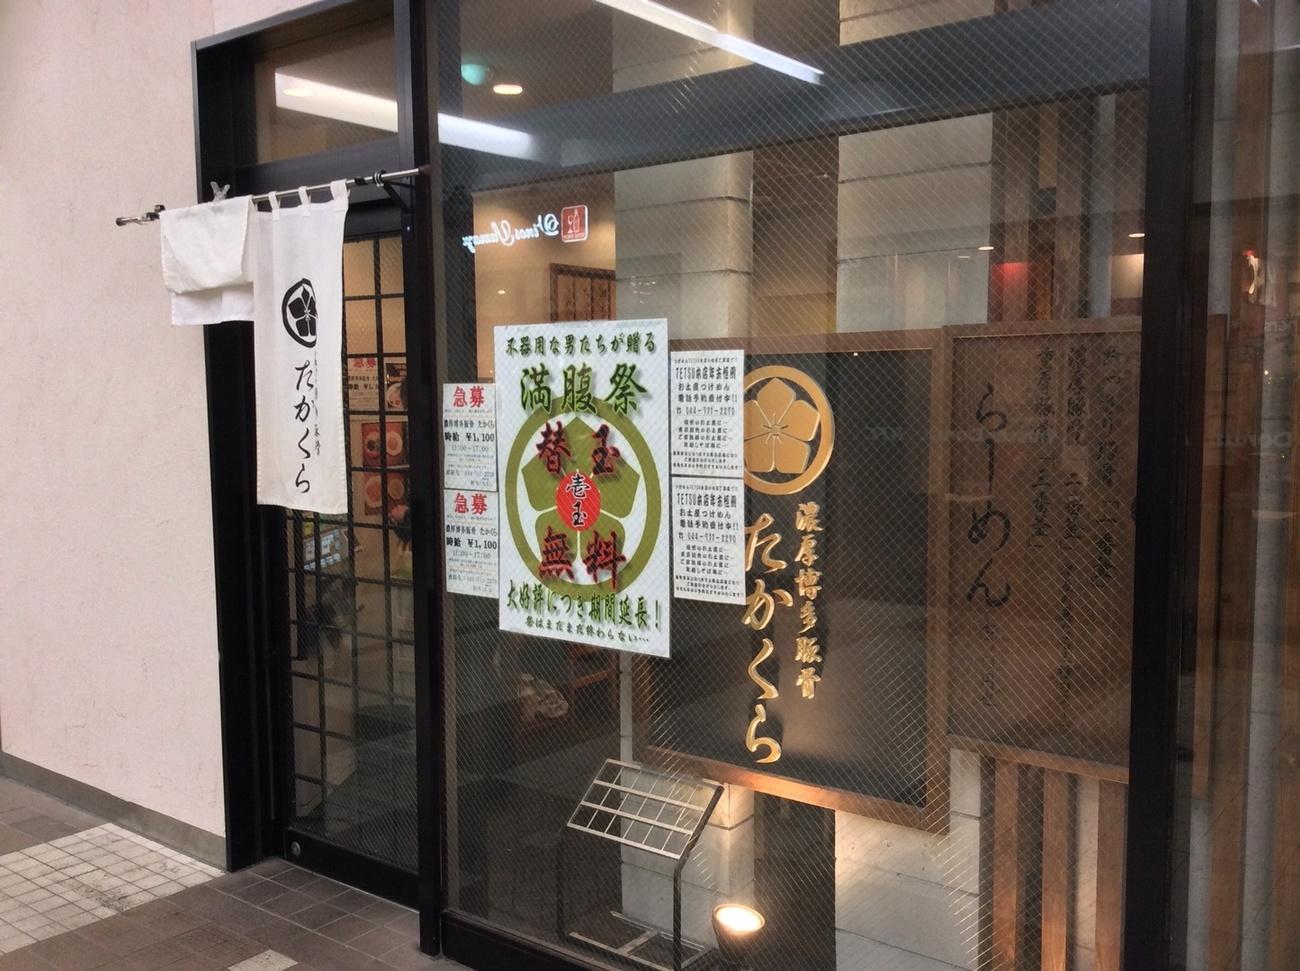 神奈川・川崎市の美味しい人気ラーメン屋おすすめ3選!塩に醤油、豚骨も!